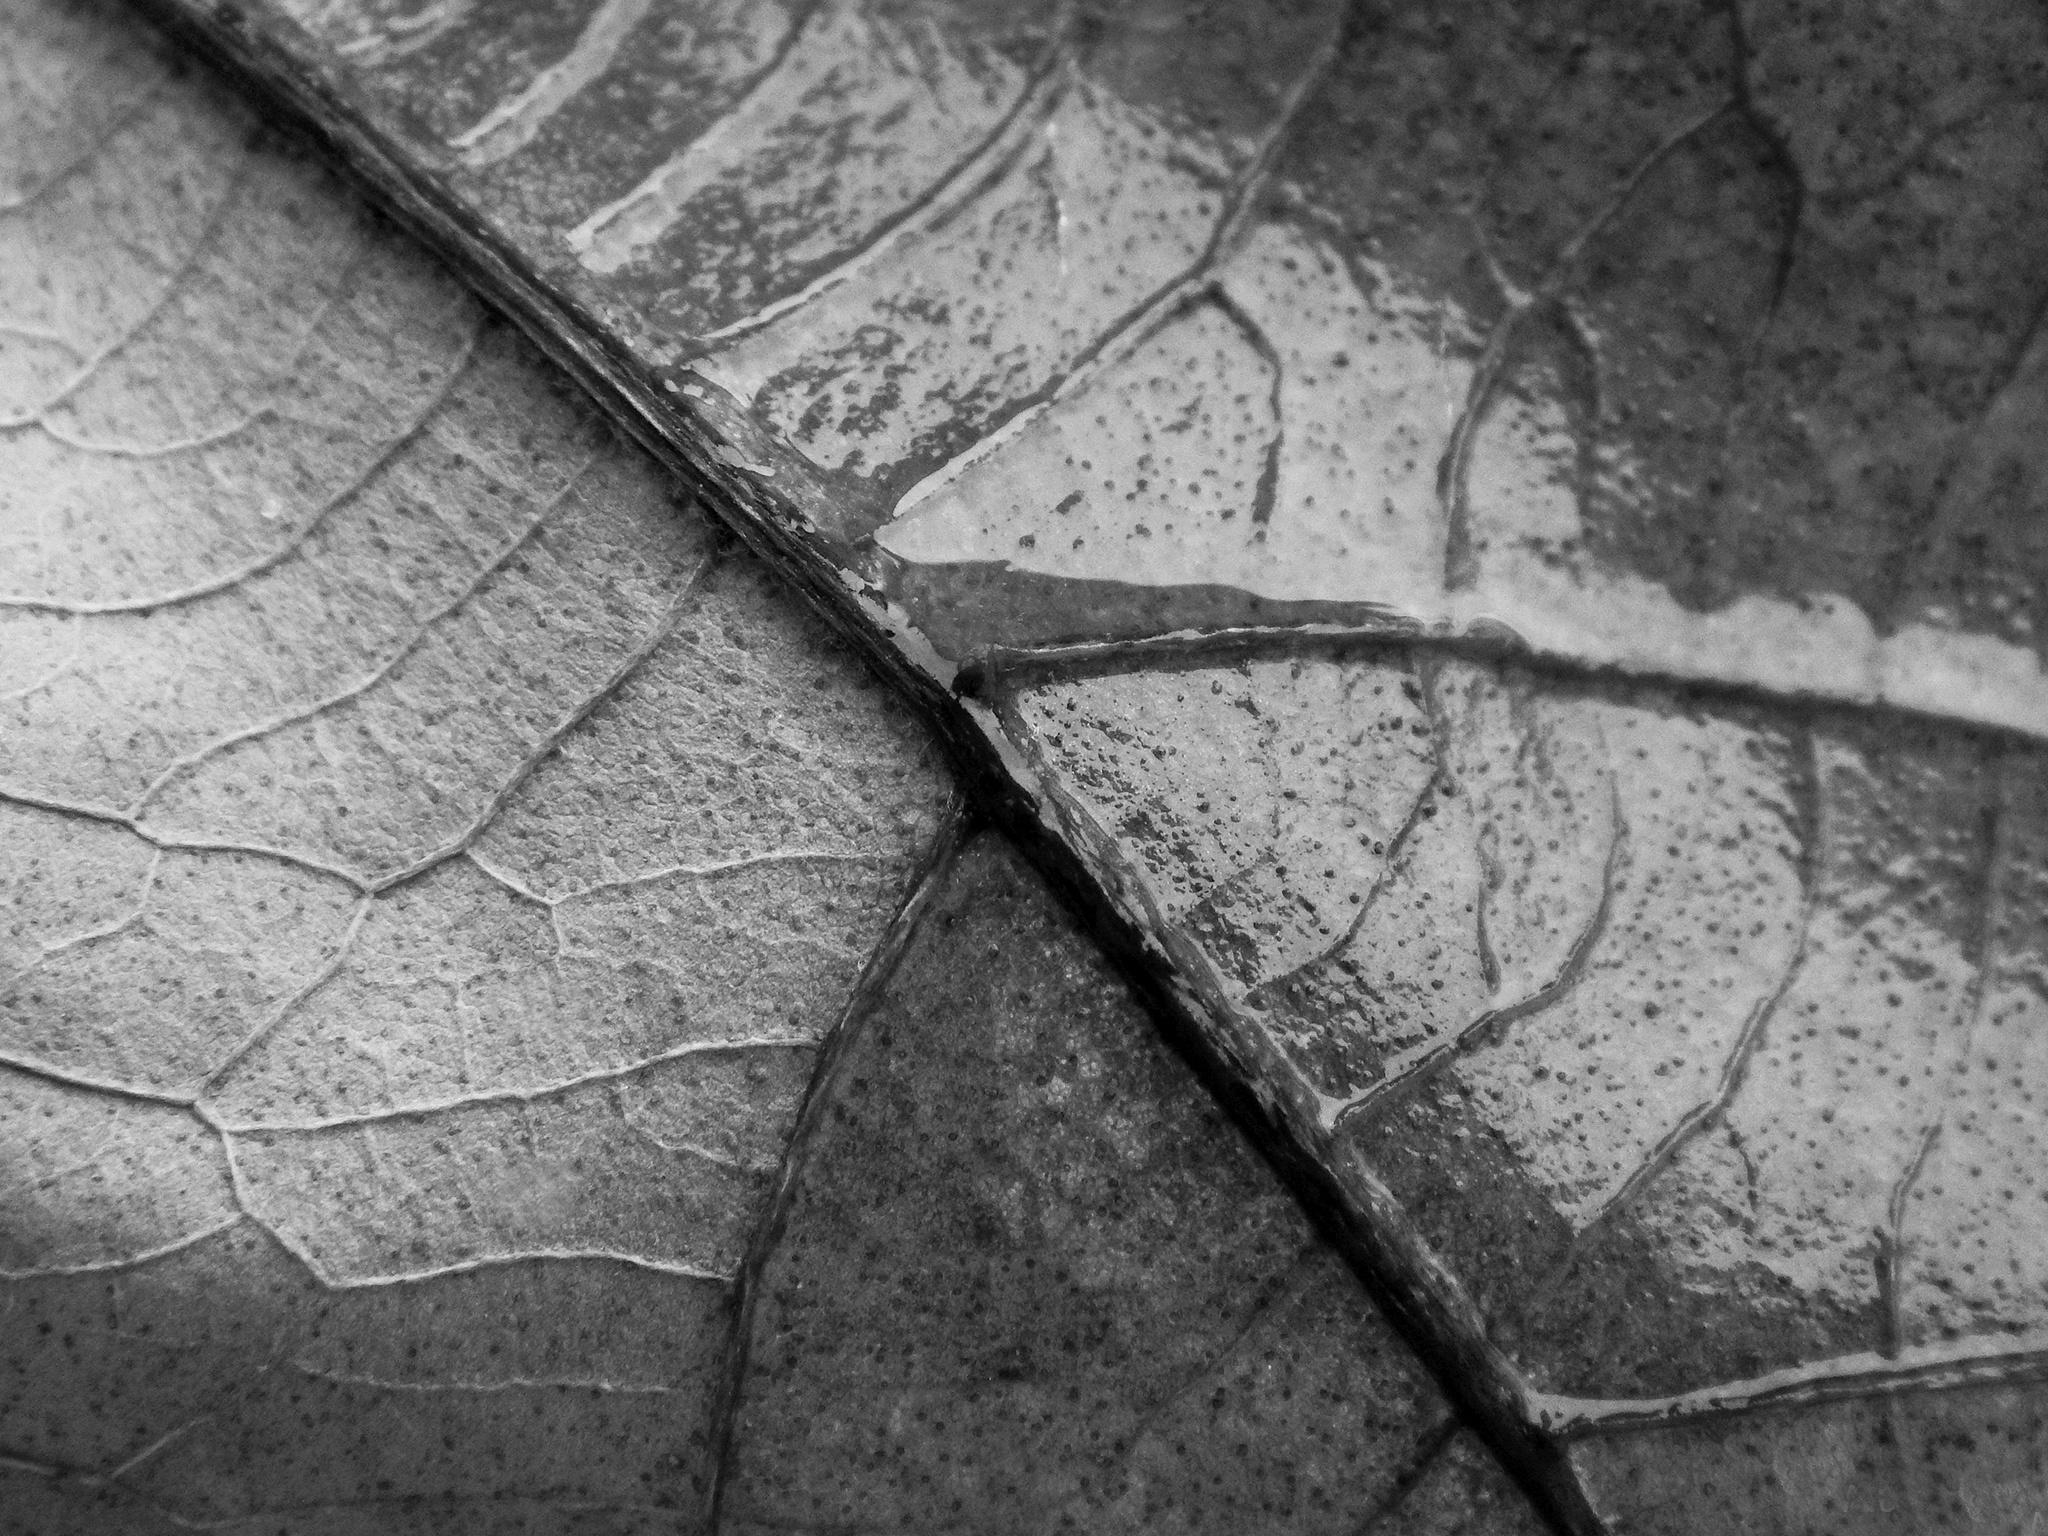 Leaf veins by Nikolett Rostási